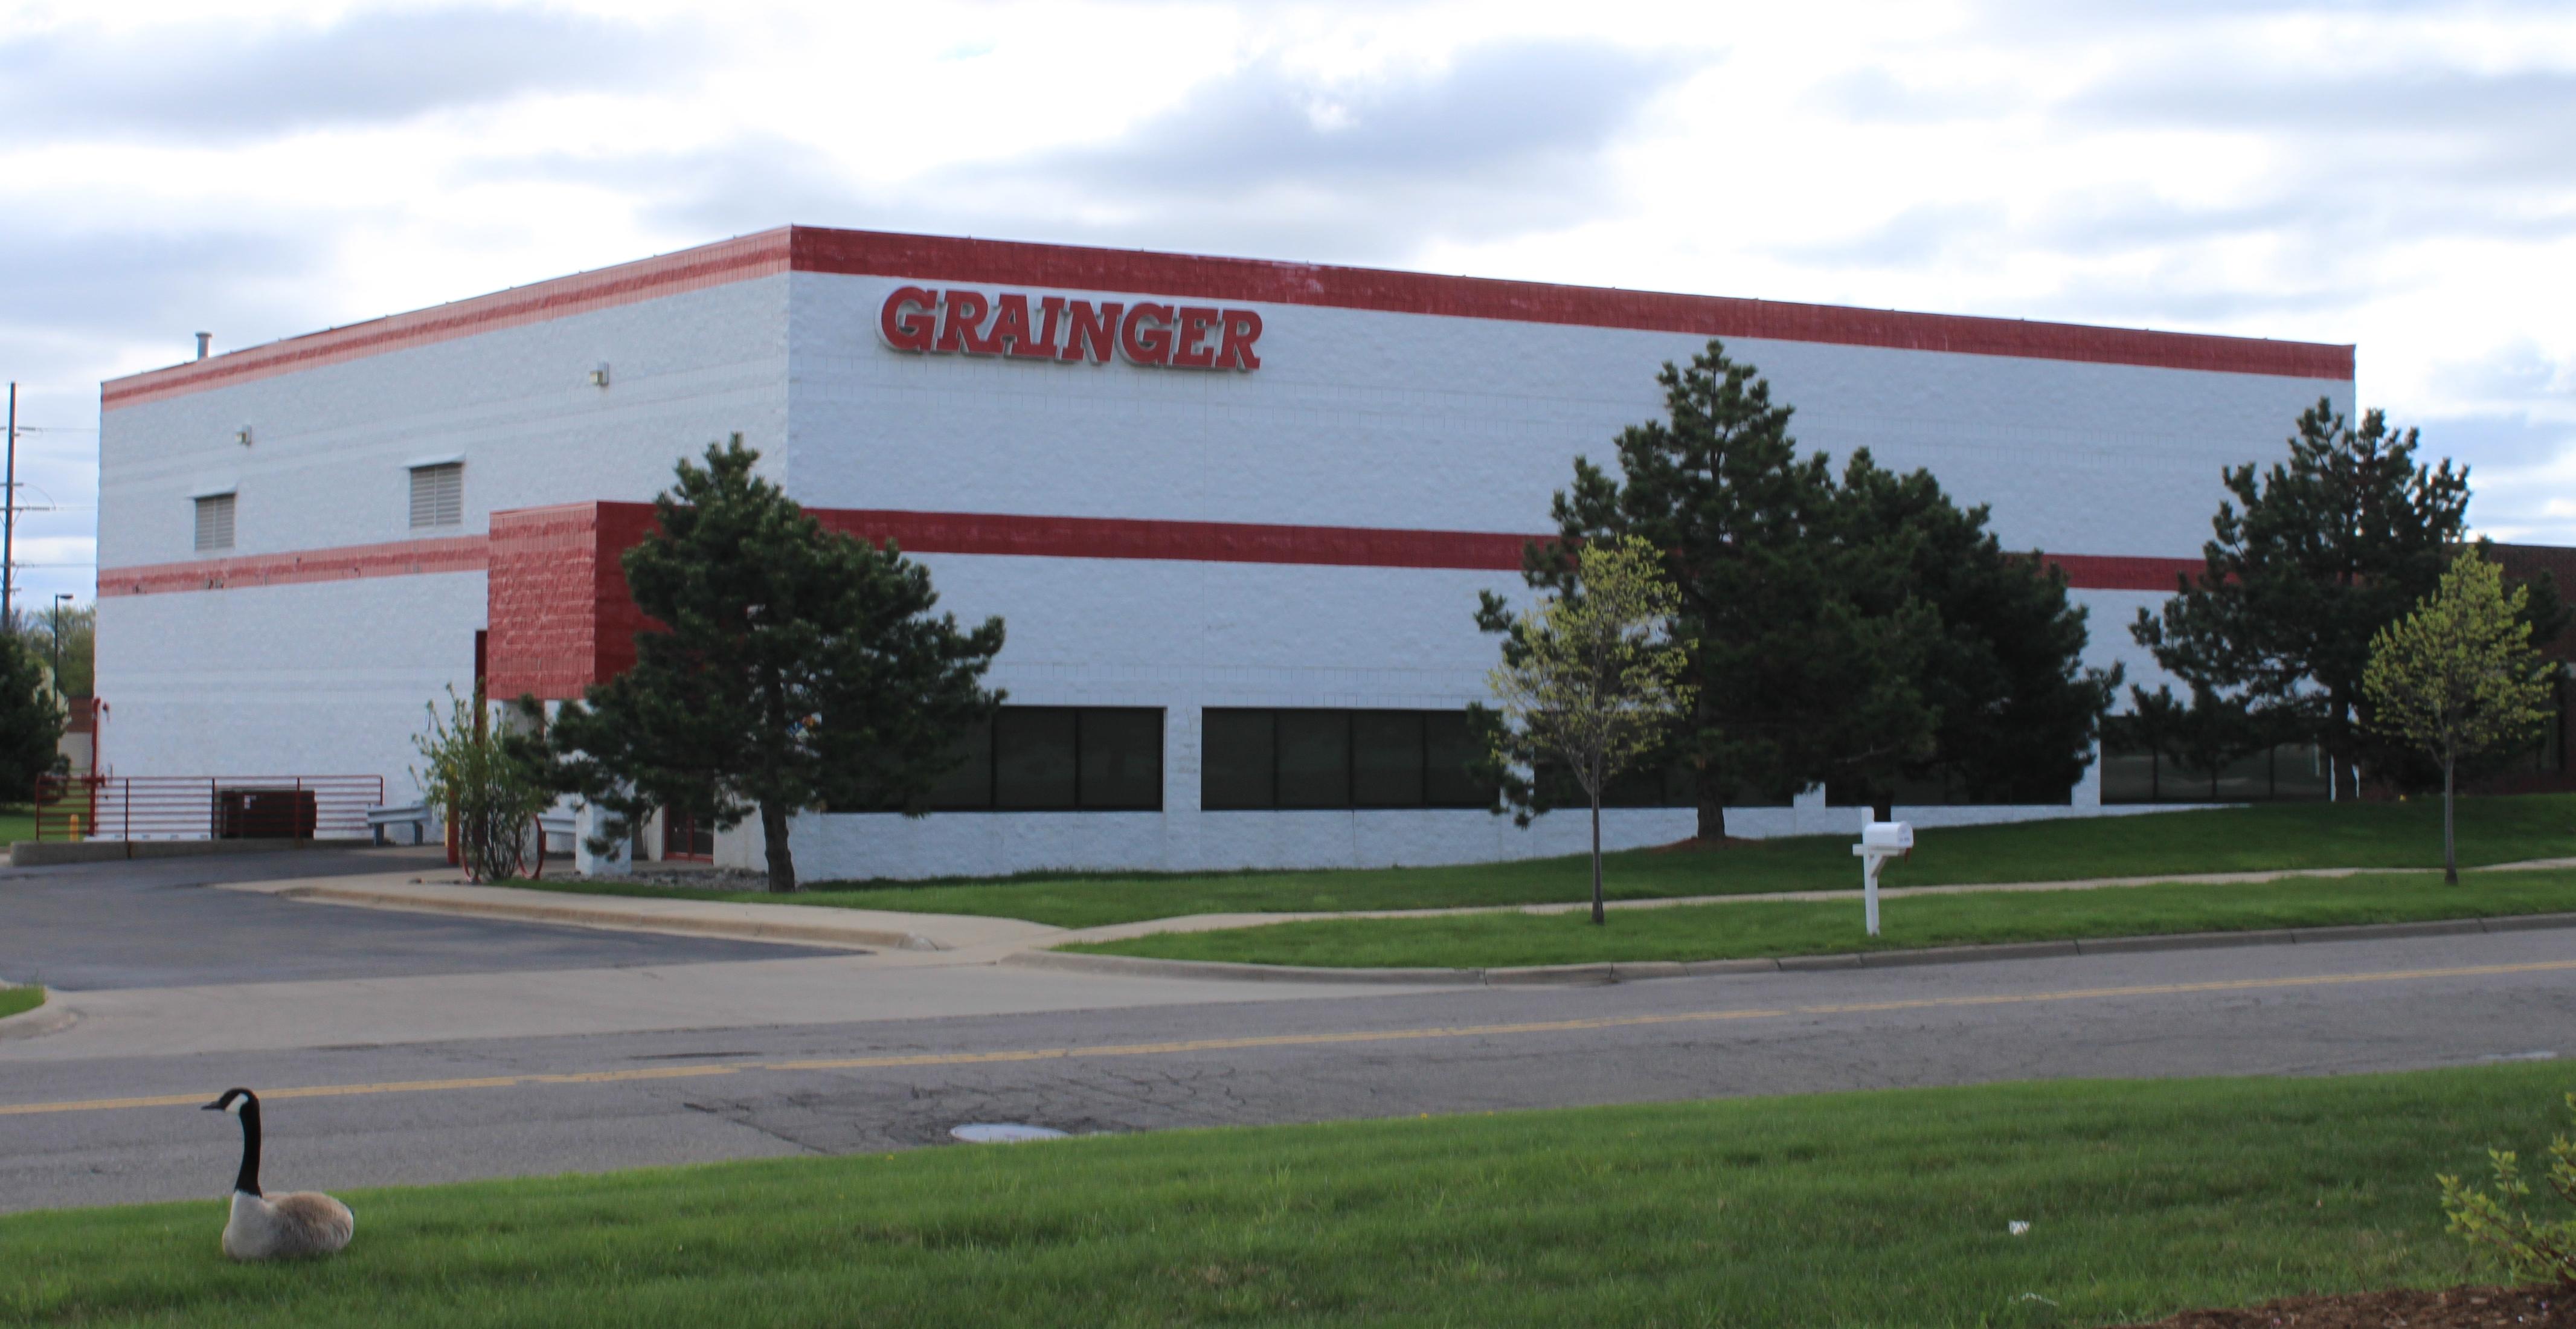 Grainger construirá un nuevo centro de distribución